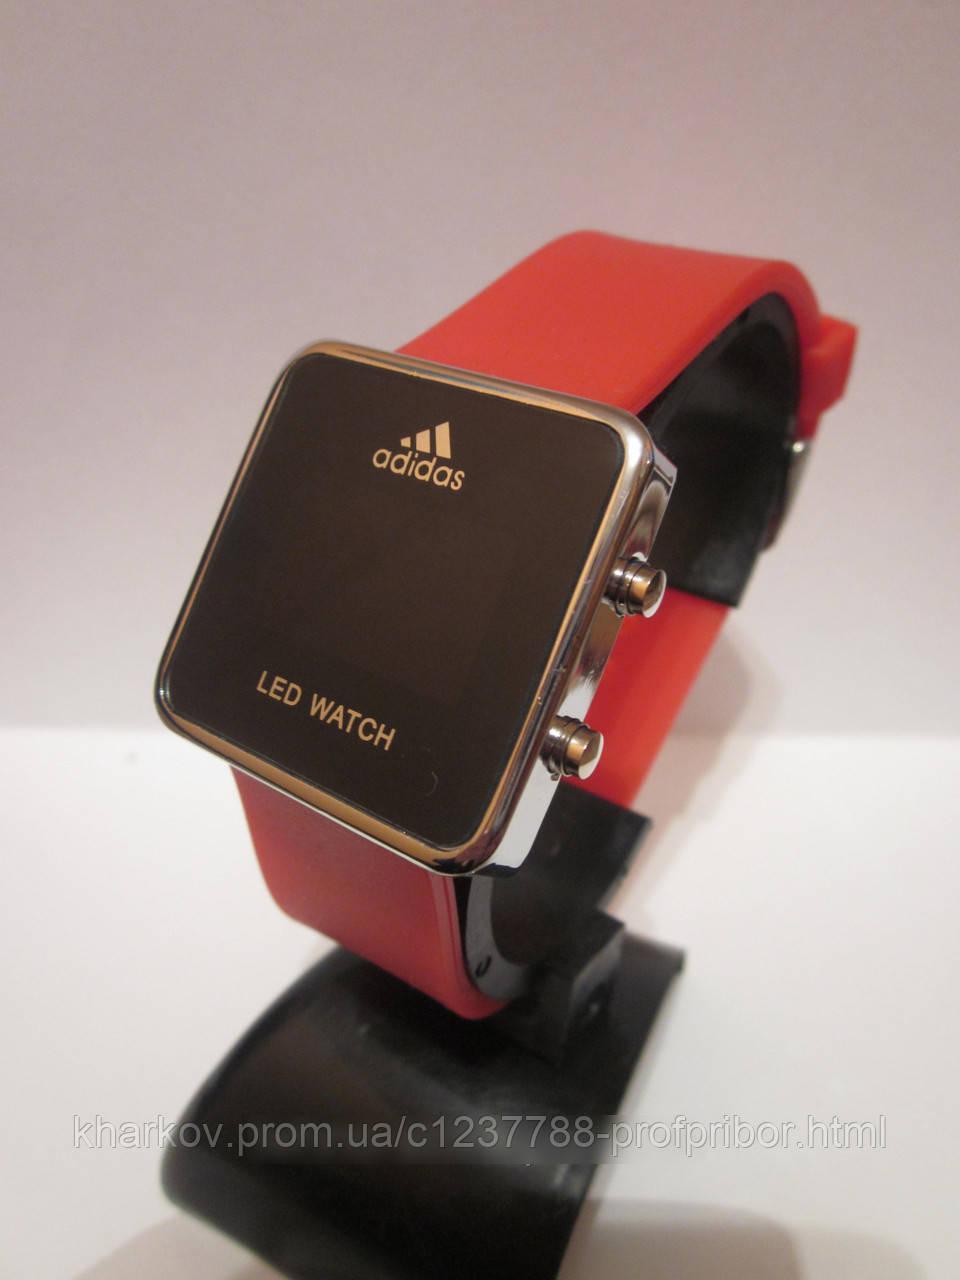 c994ddde Наручные часы Adidas Led Watch копия, цена 150 грн., купить в ...